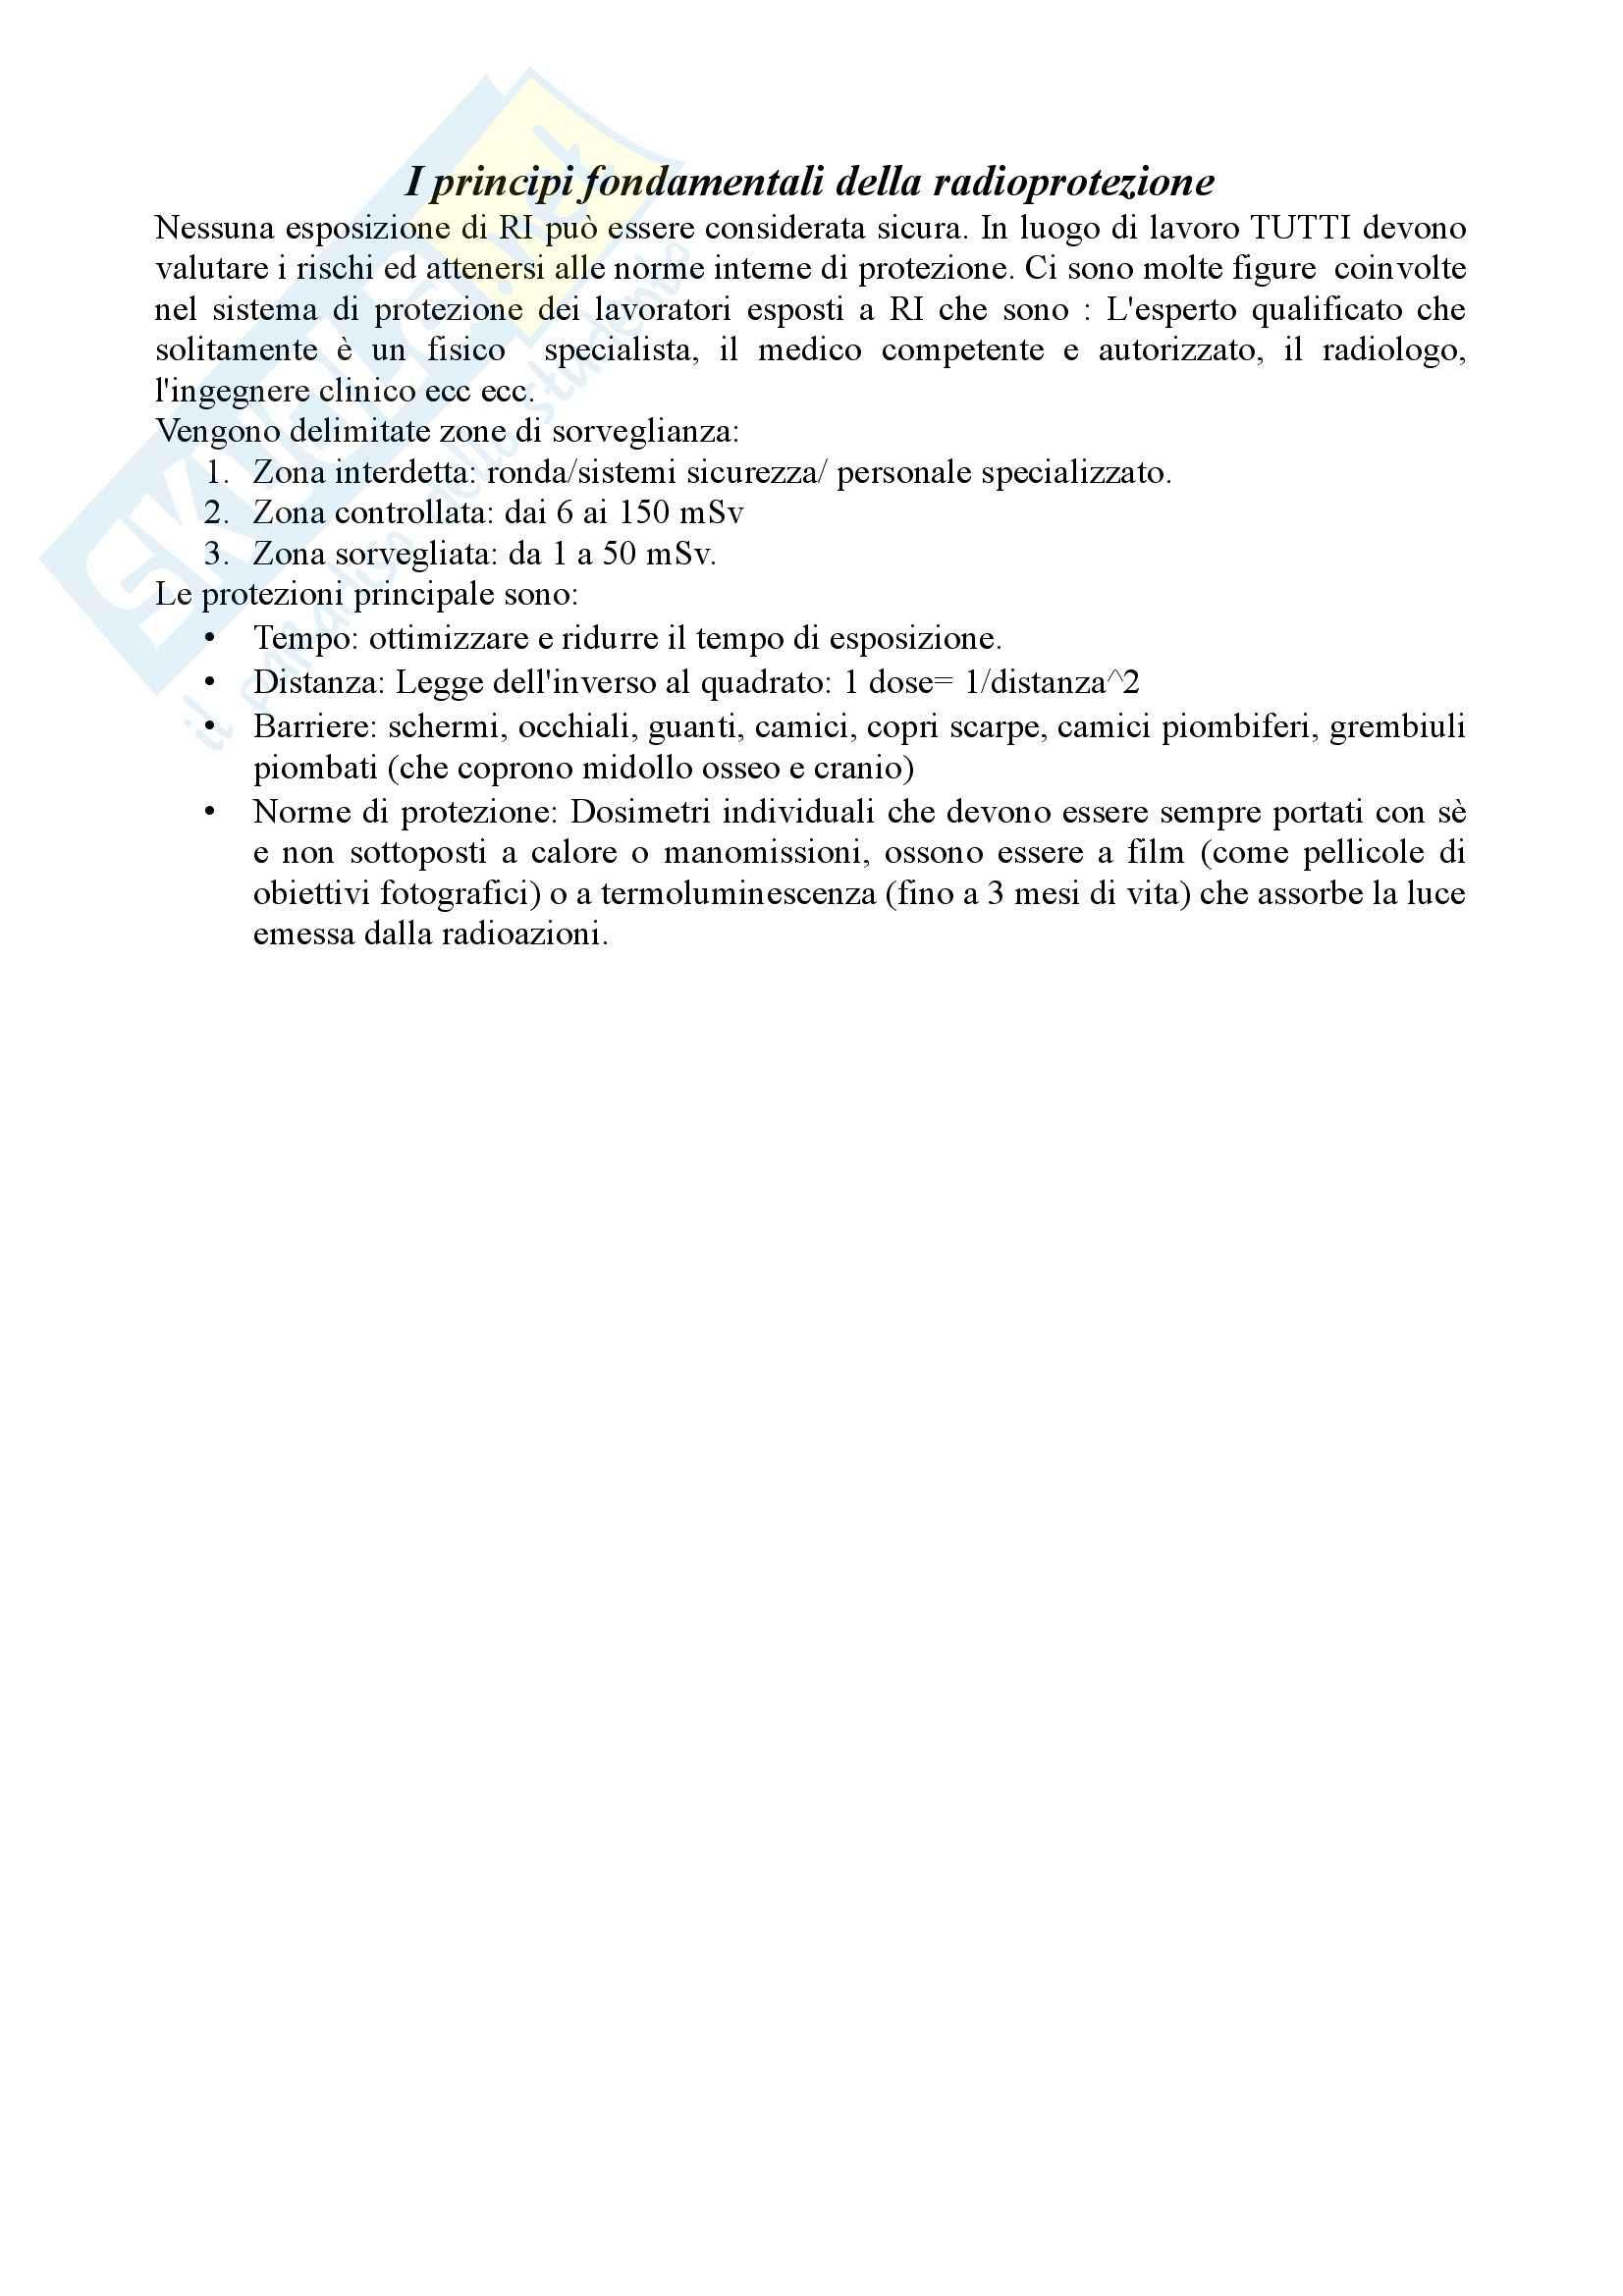 Radioprotezione - Appunti Pag. 6